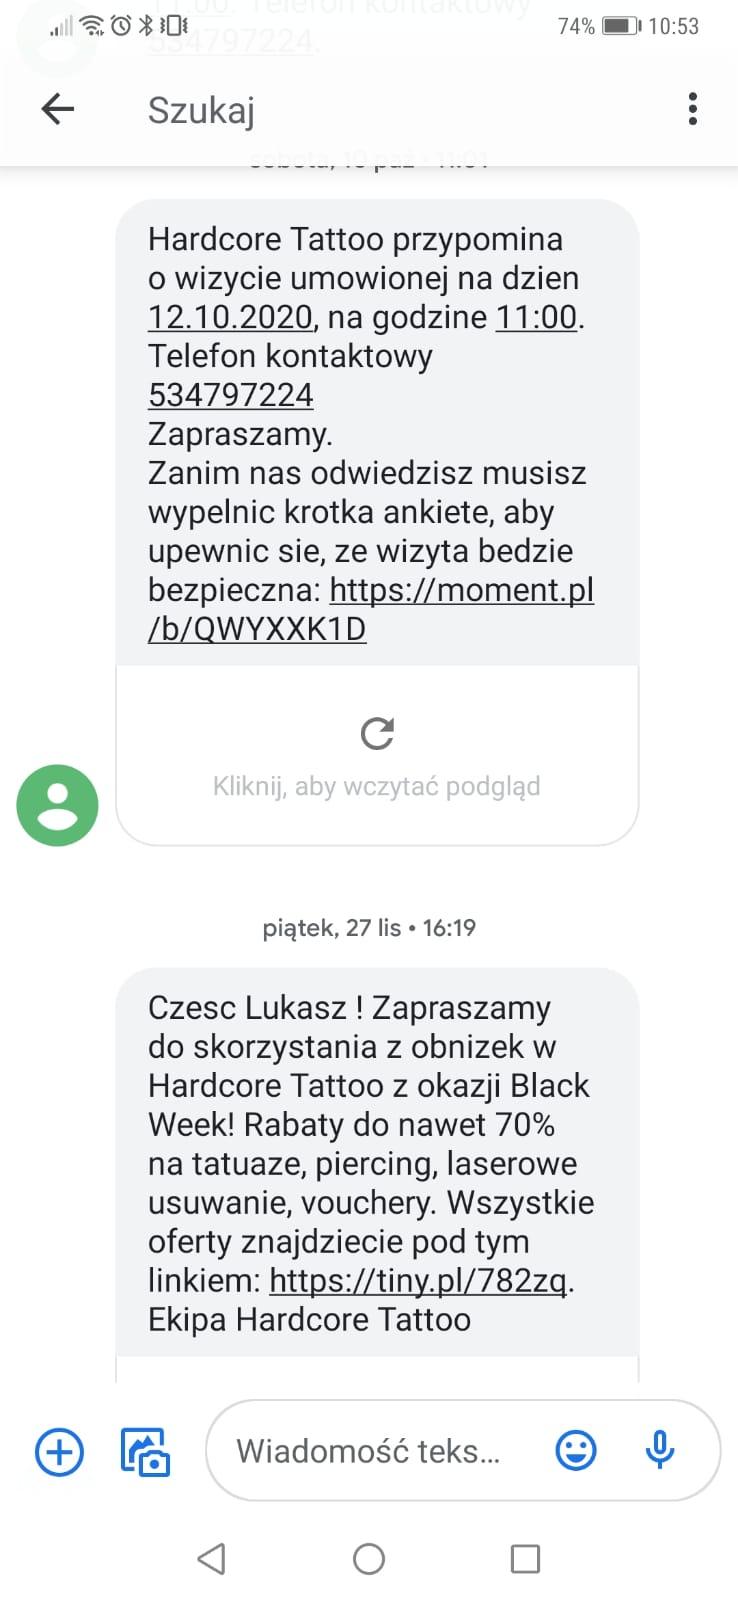 personalizowana wiadomość sms